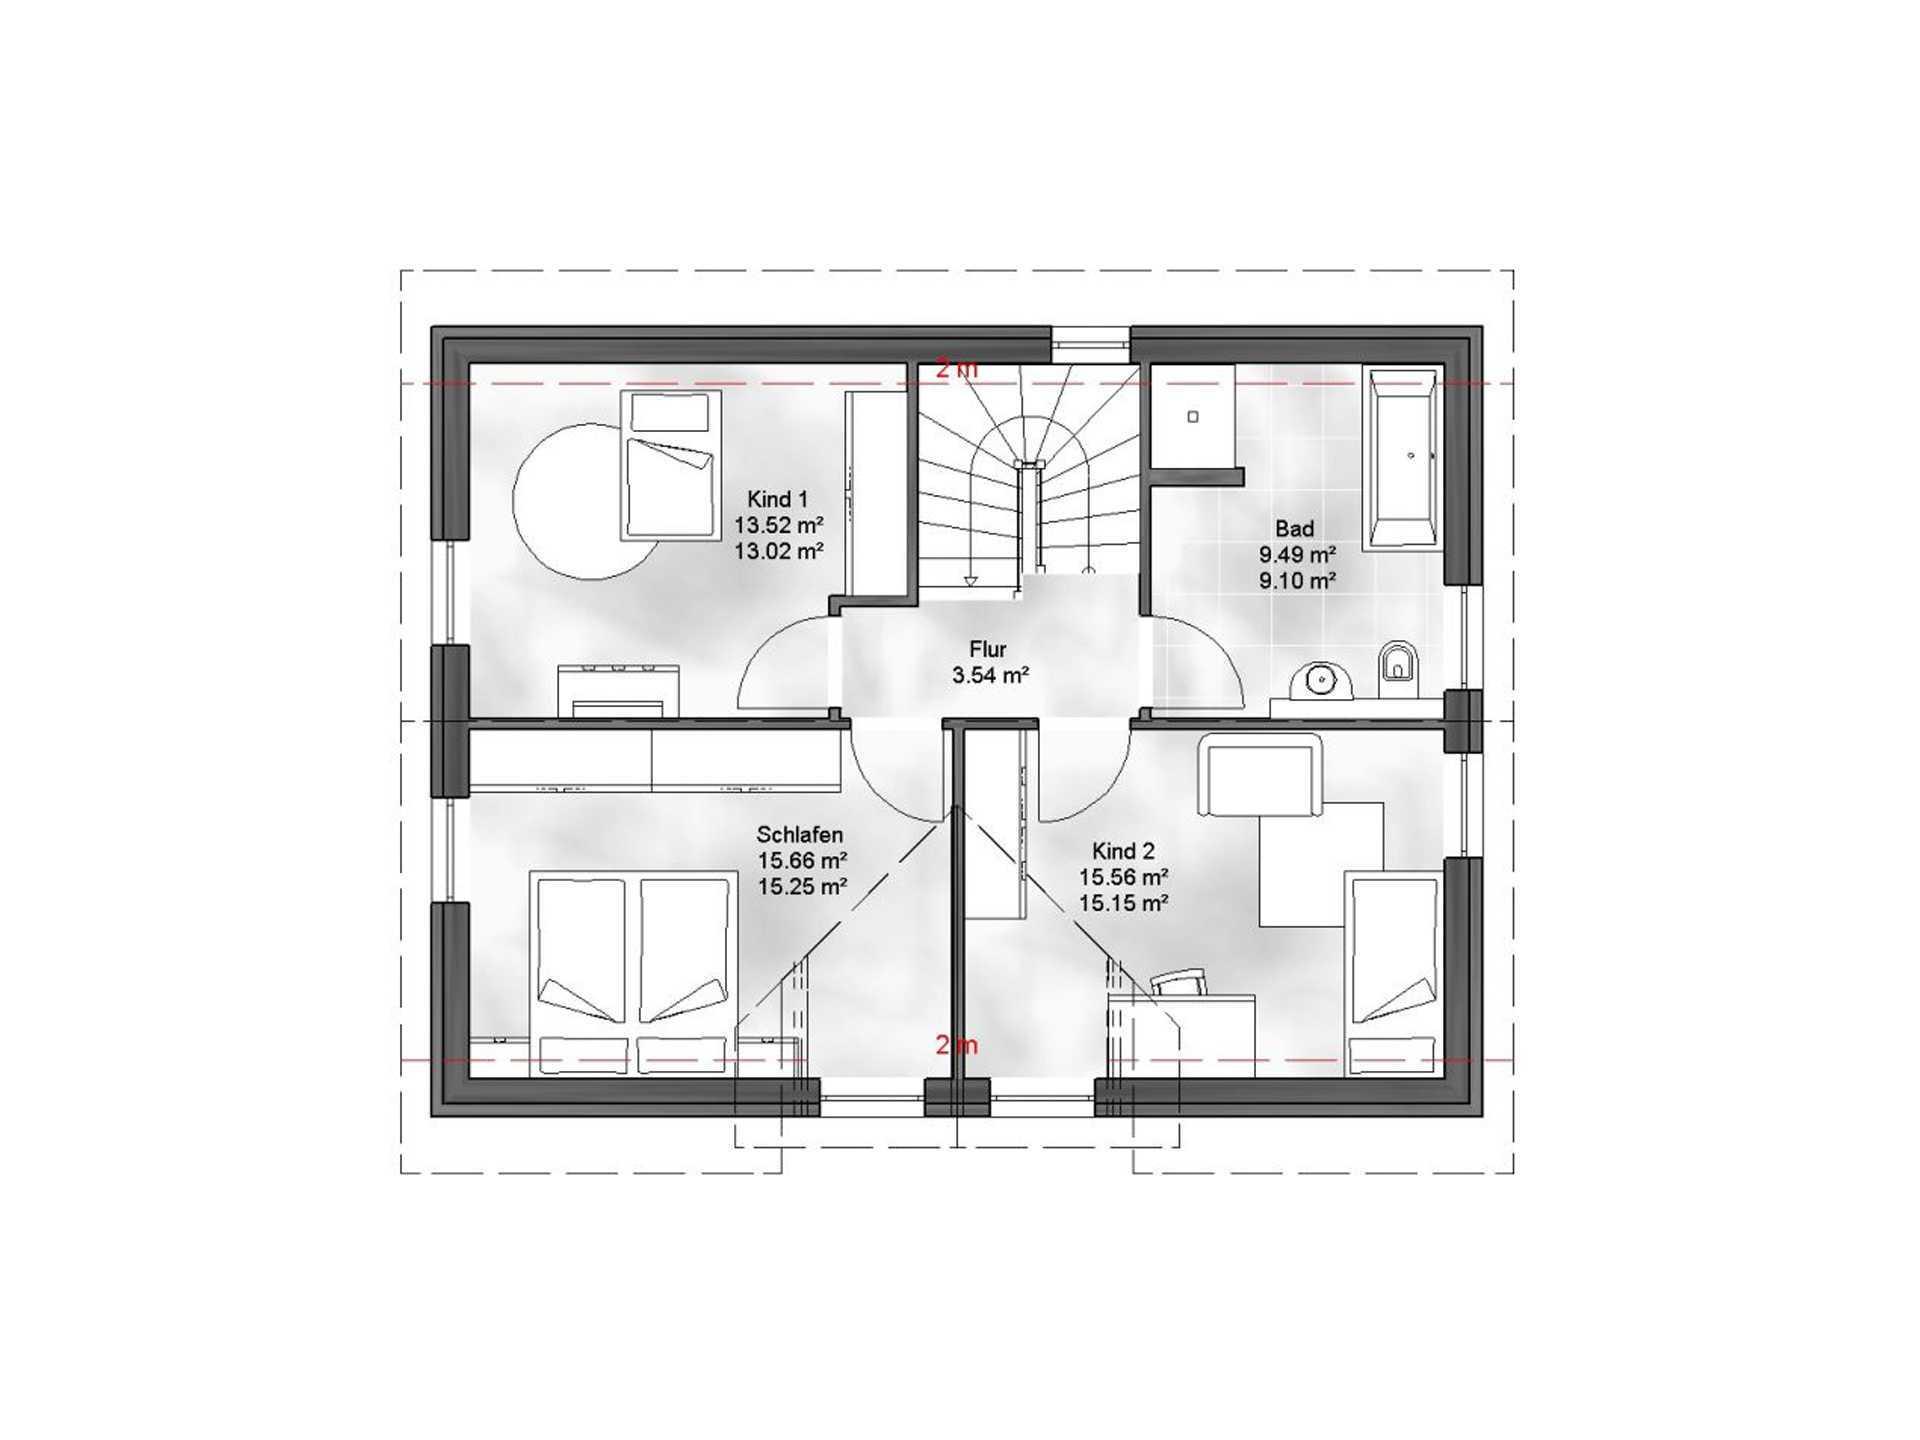 Massive Wohnbau Einfamilienhaus Vanessa Grundriss DG